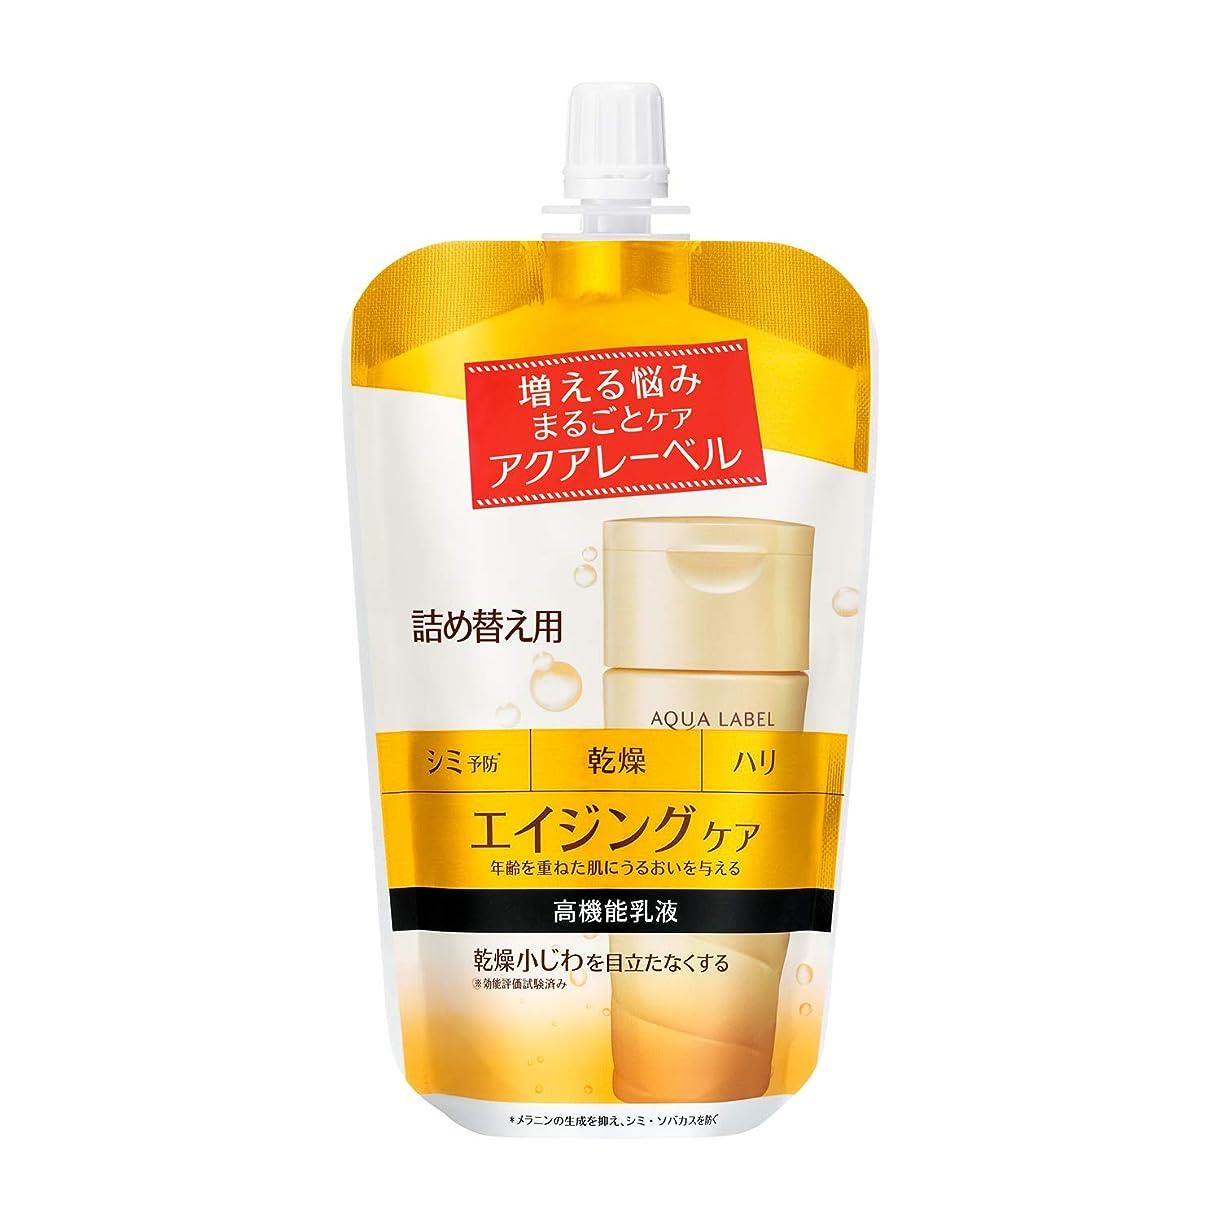 クマノミ変更雪だるまアクアレーベル バウンシングケア ミルク (詰め替え用) 117mL 【医薬部外品】